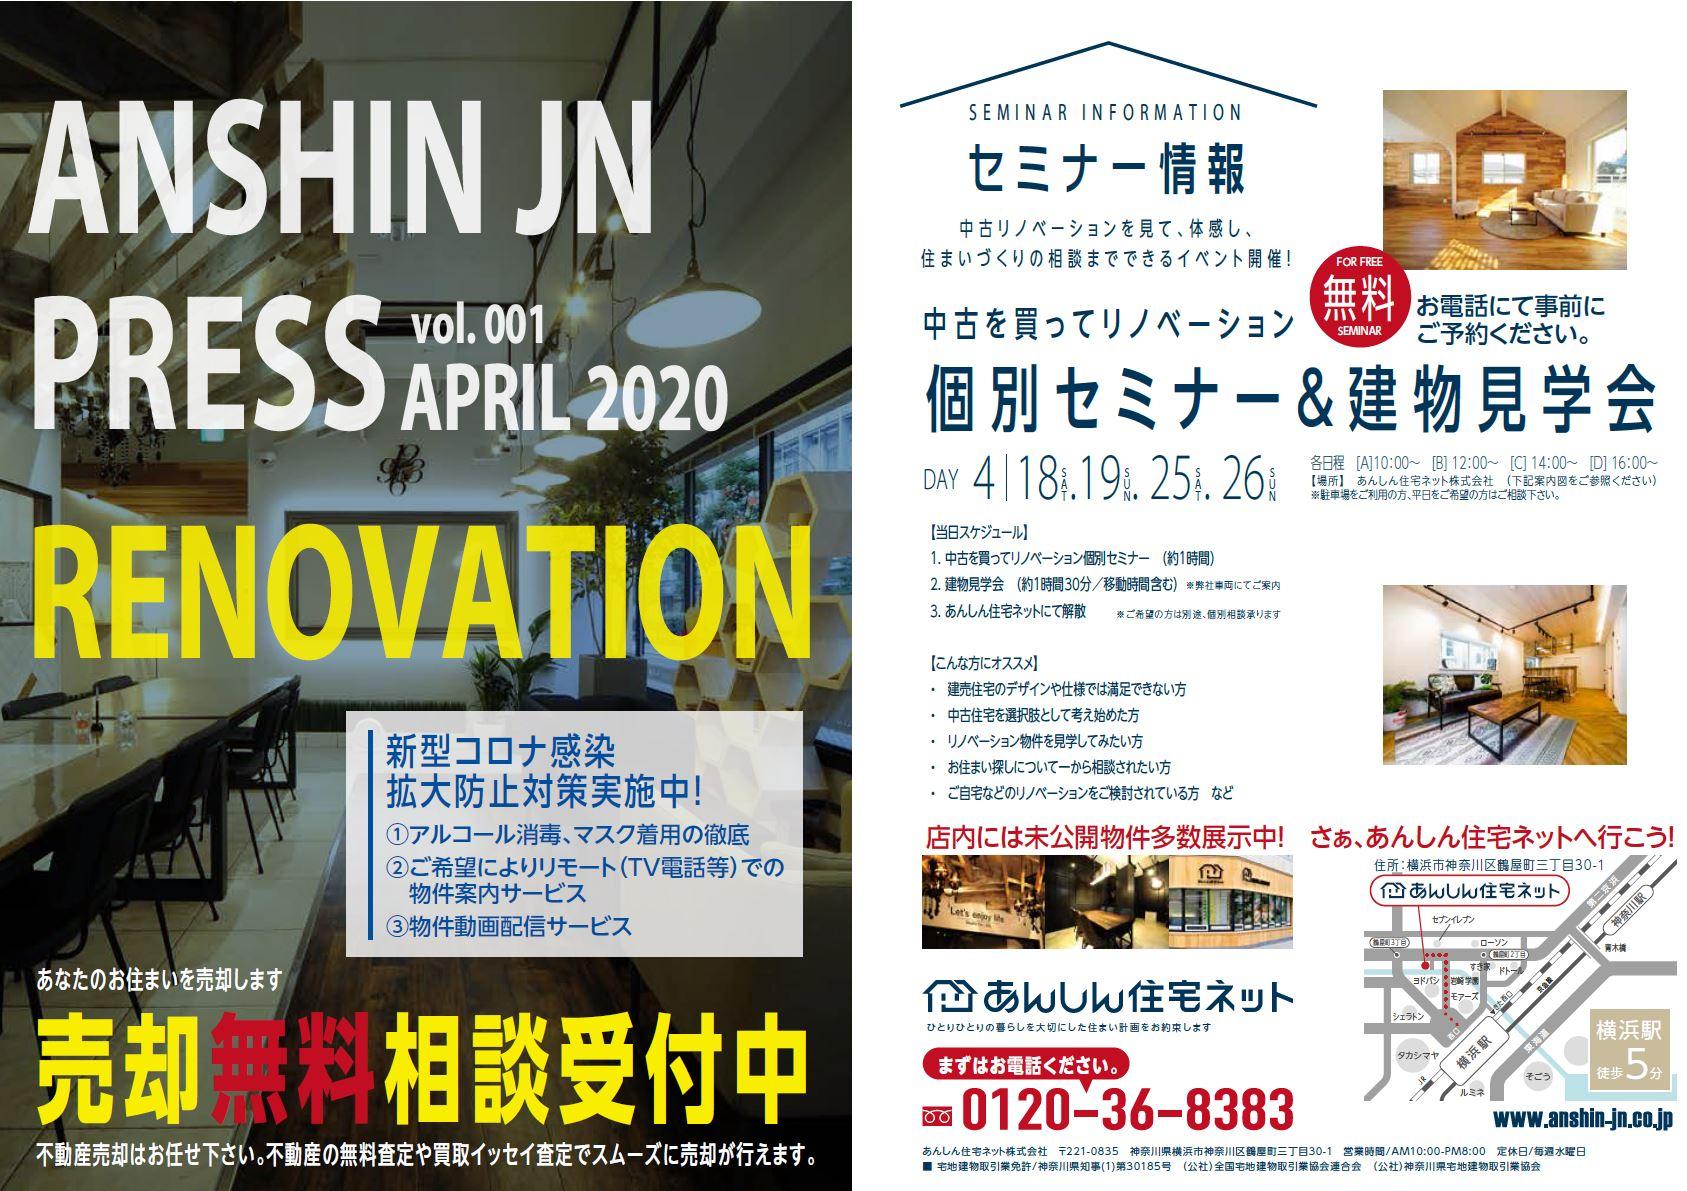 【無料・1日4回開催】個別セミナー&建物見学会 4/25(土)10時~